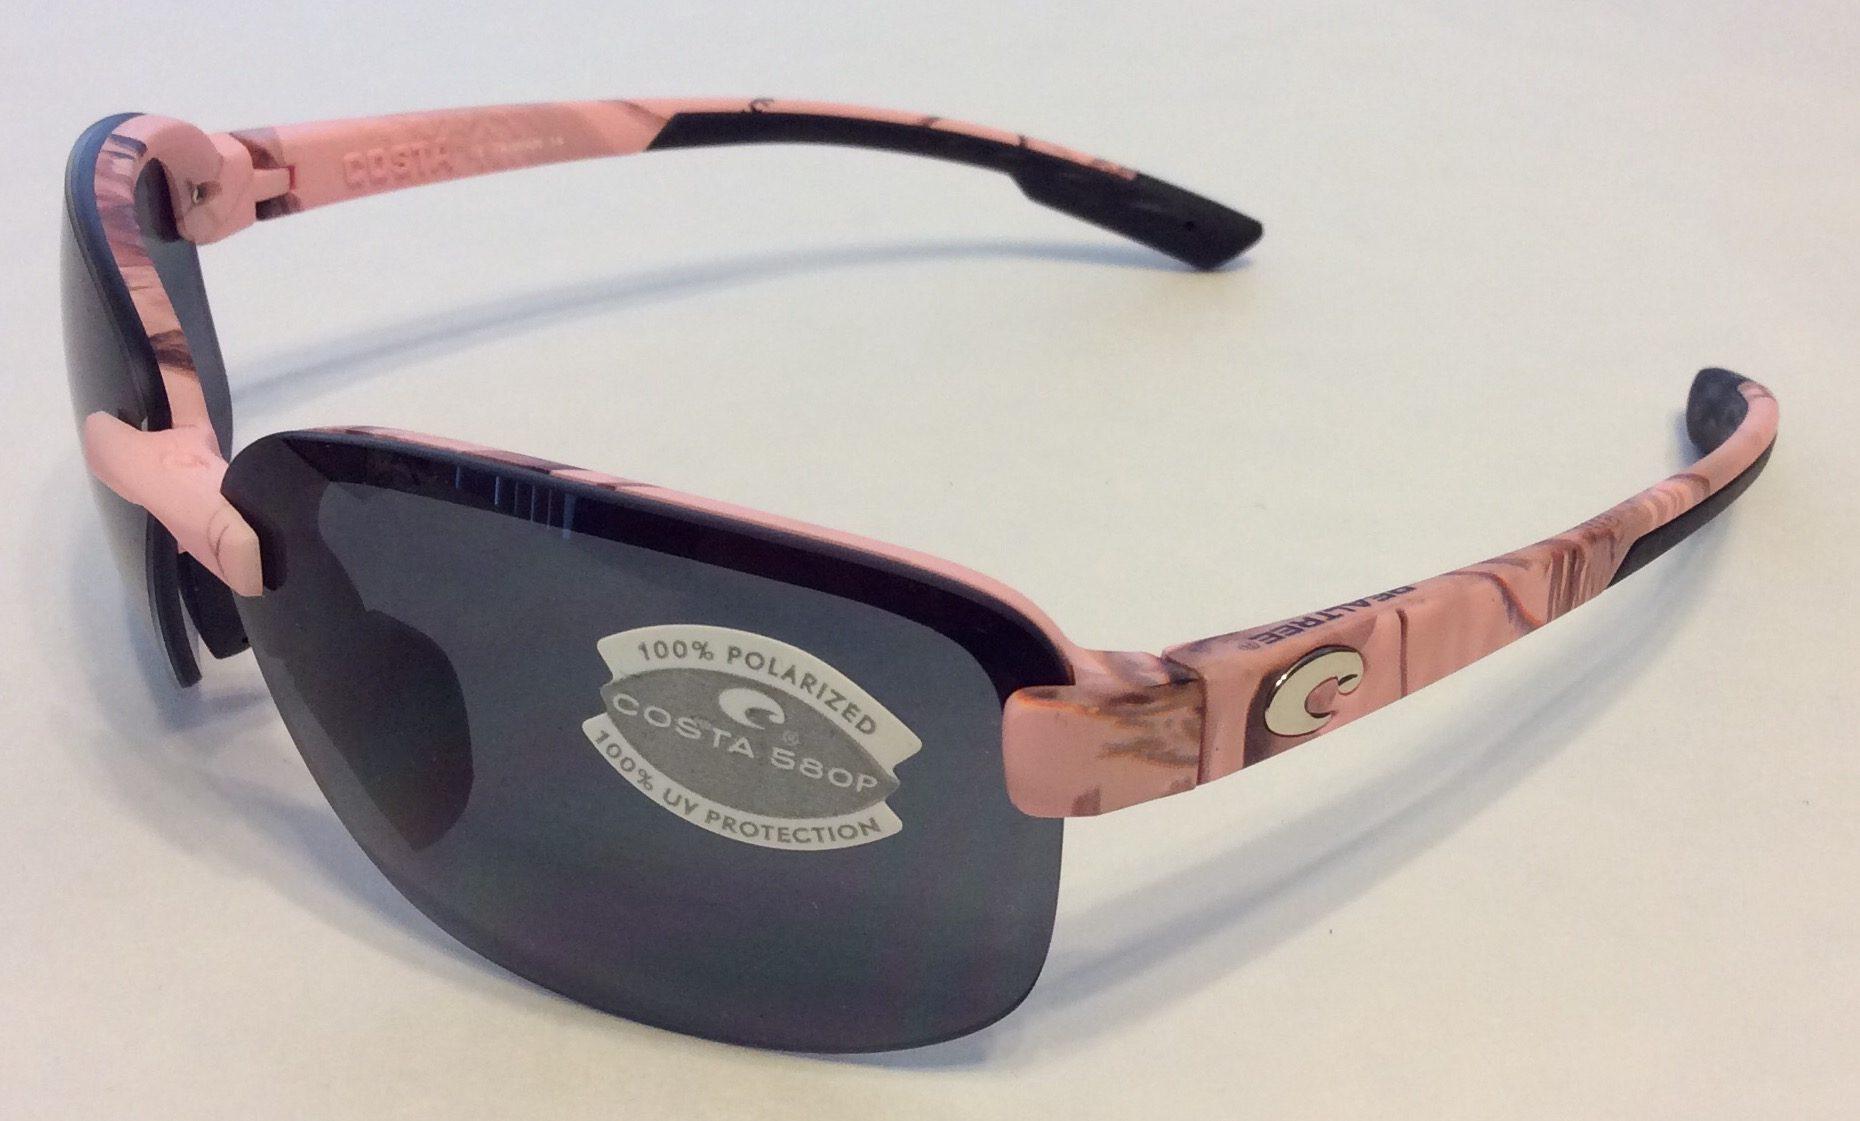 Costa Del Mar Austin Sunglasses Pink Realtree Camo AP POLARIZED Gray 580P